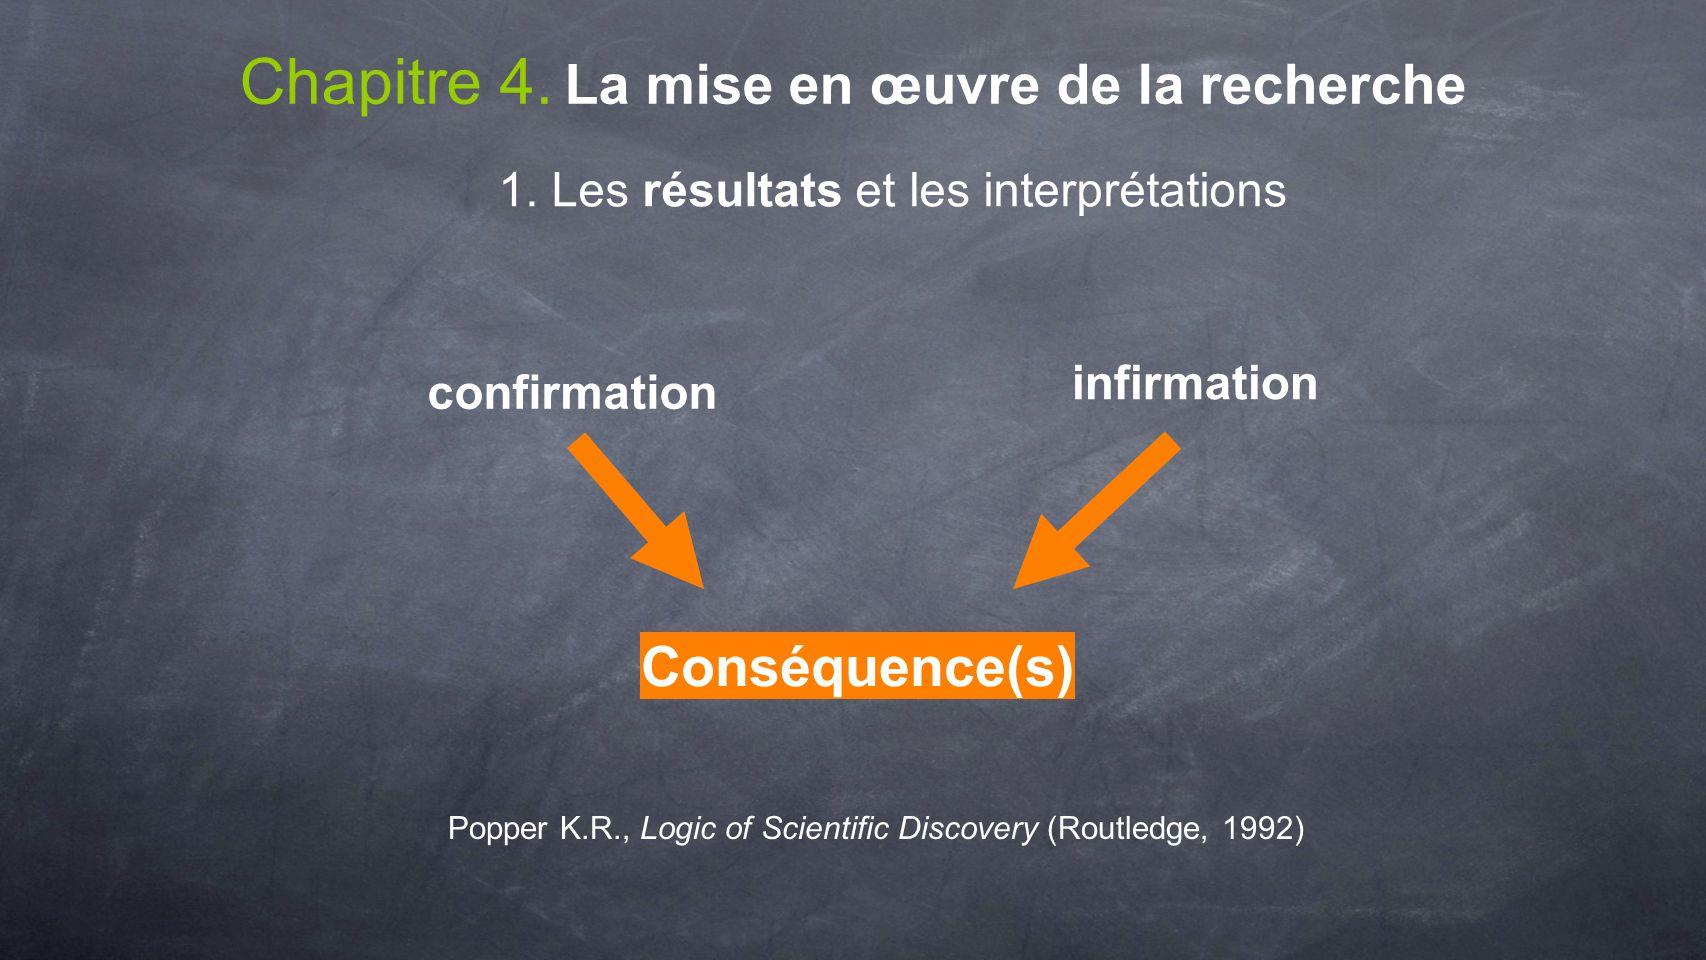 Chapitre 4. La mise en œuvre de la recherche